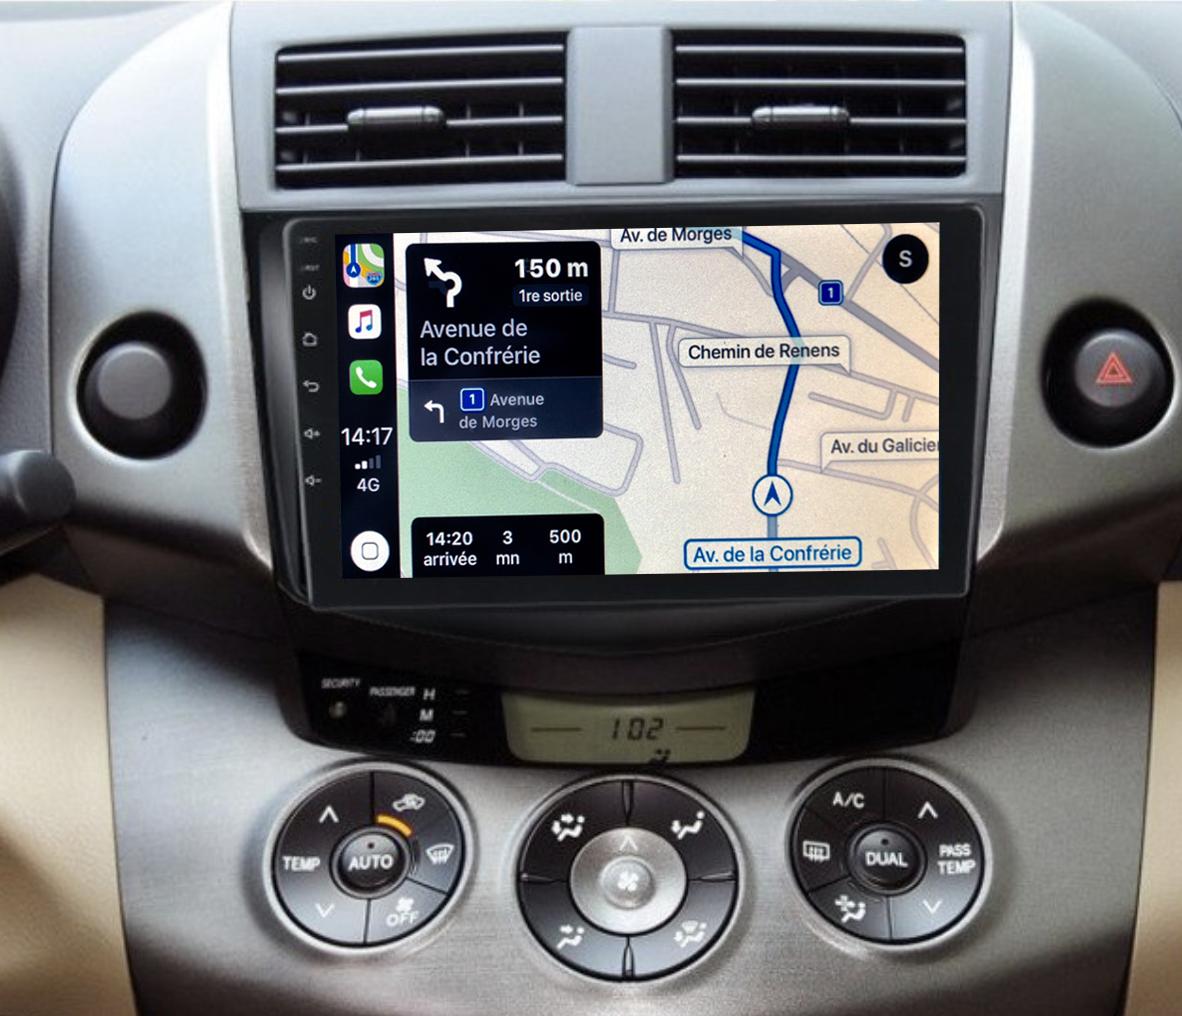 Autoradio GPS à écran tactile QLED Android 11.0 et Apple Carplay sans fil Toyota RAV4 de 2006 à 2012